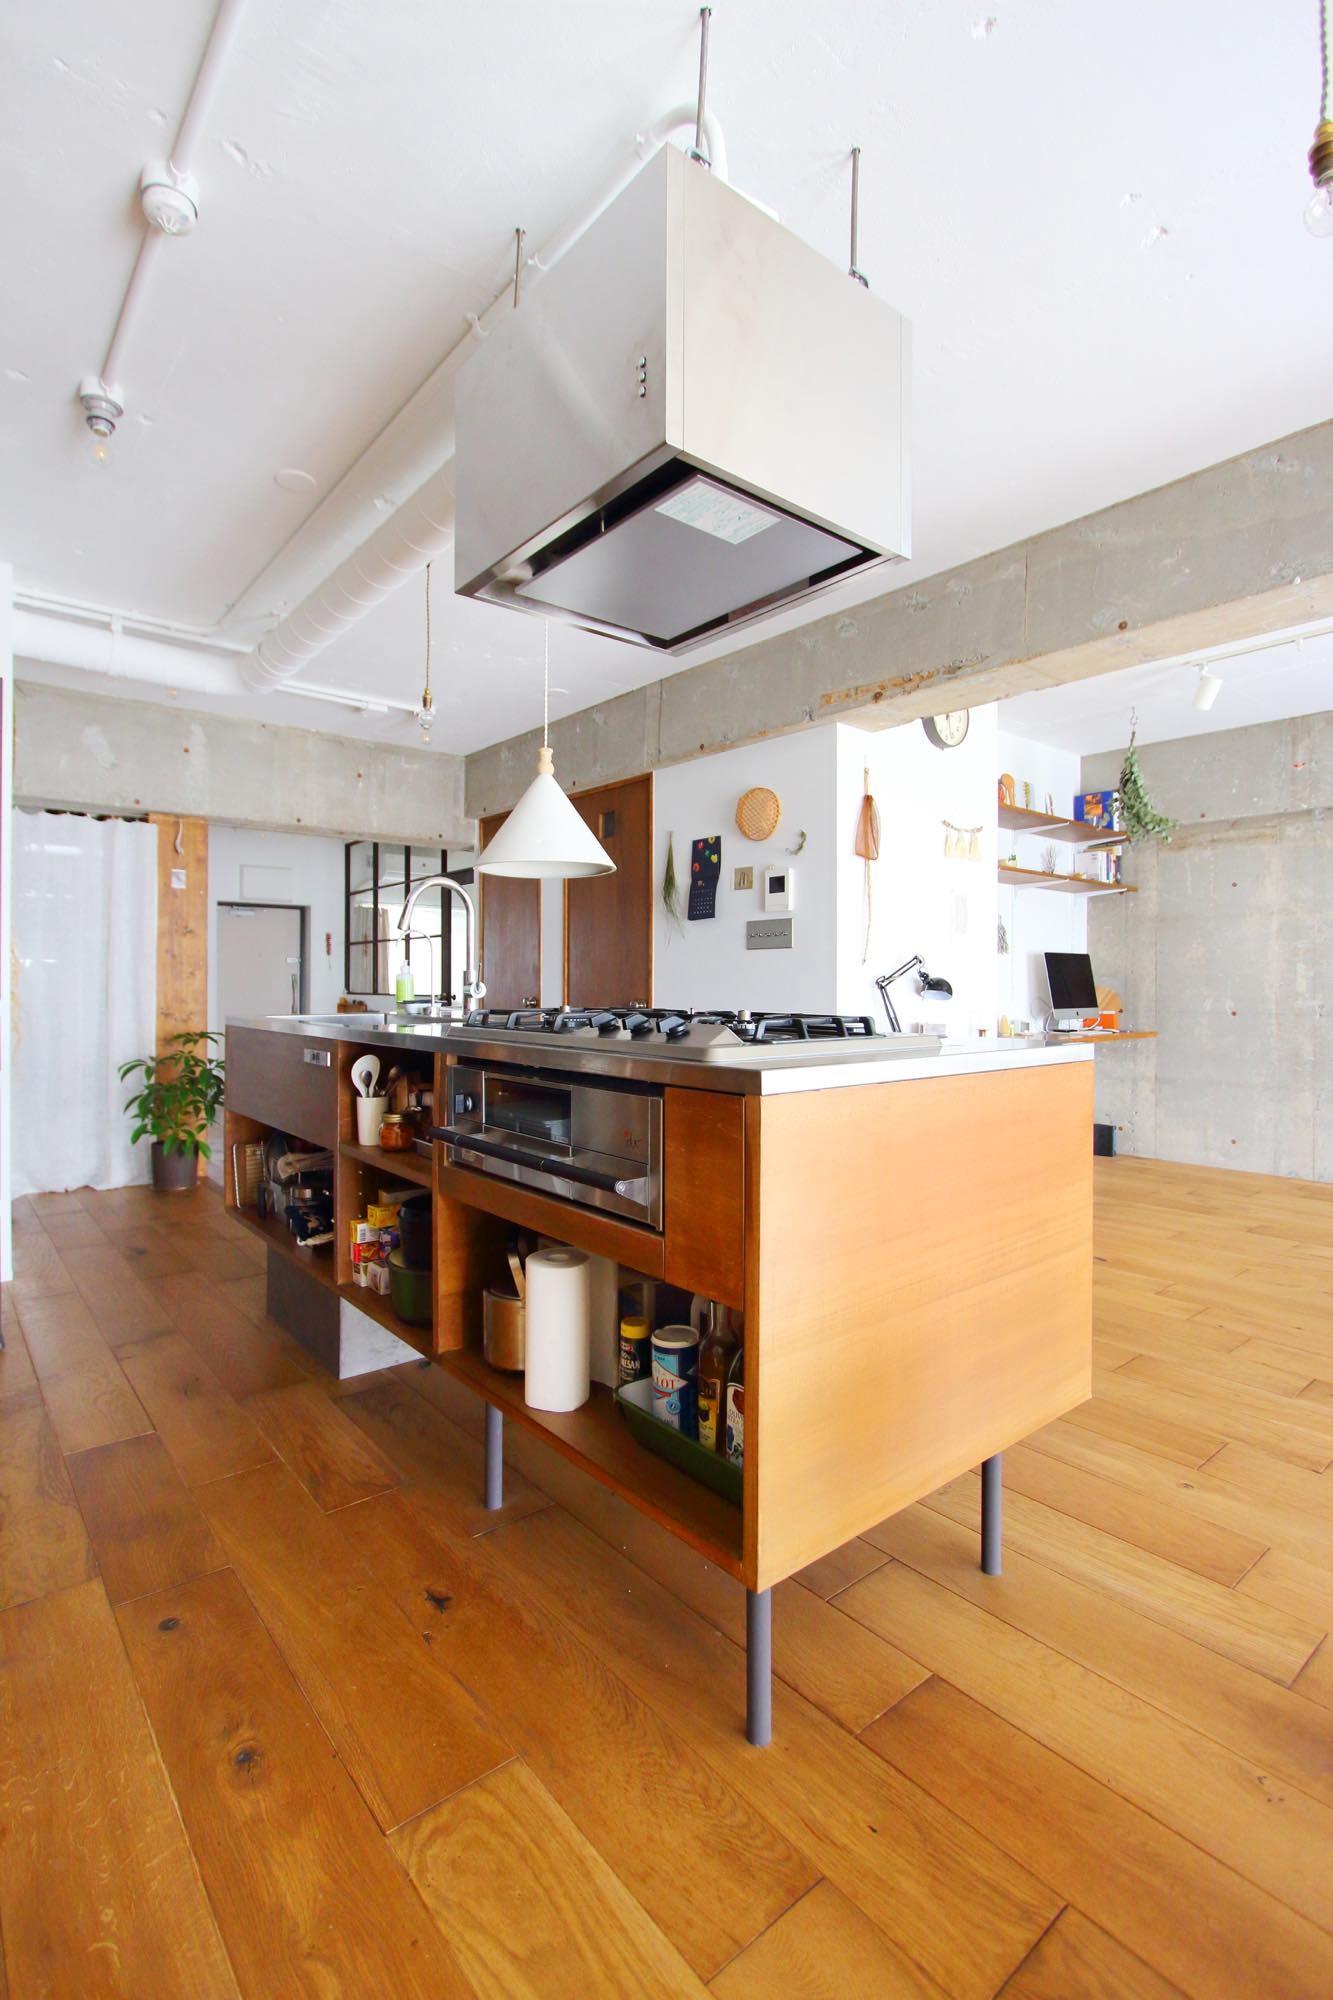 キッチン事例:キッチン(模様替えを楽しめる、土間のある家)